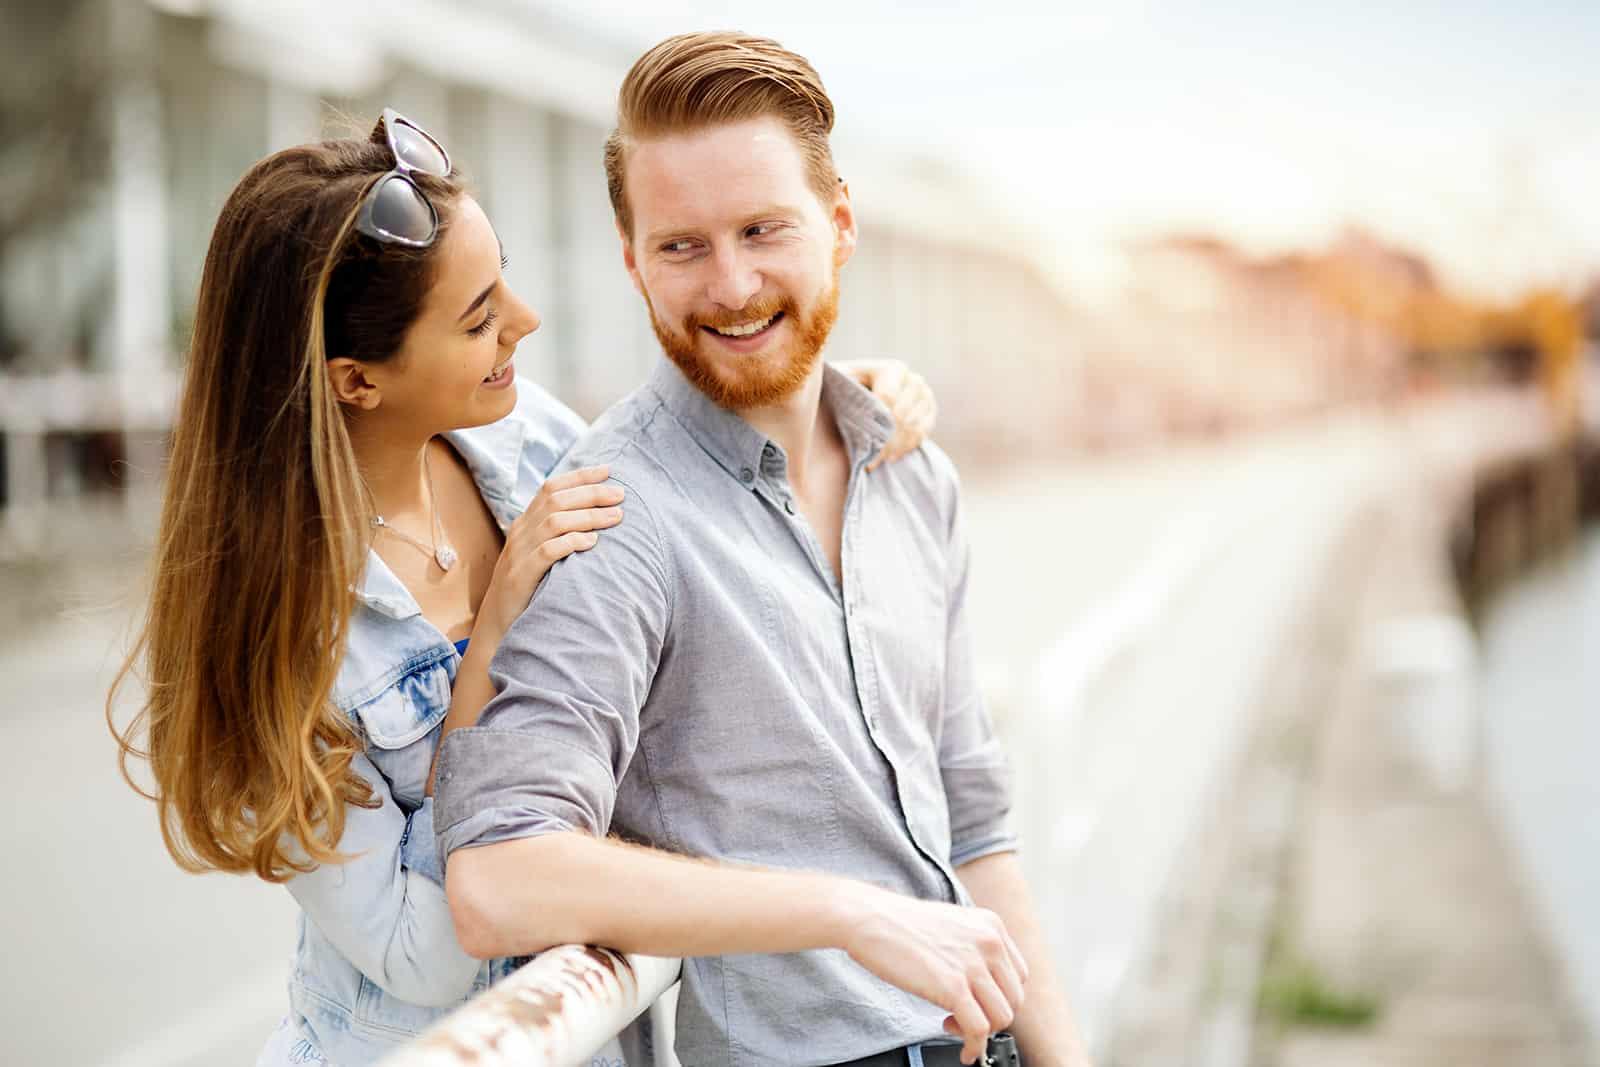 eine Frau, die die Schultern eines Mannes berührt während sie lächeln und sich ansehen